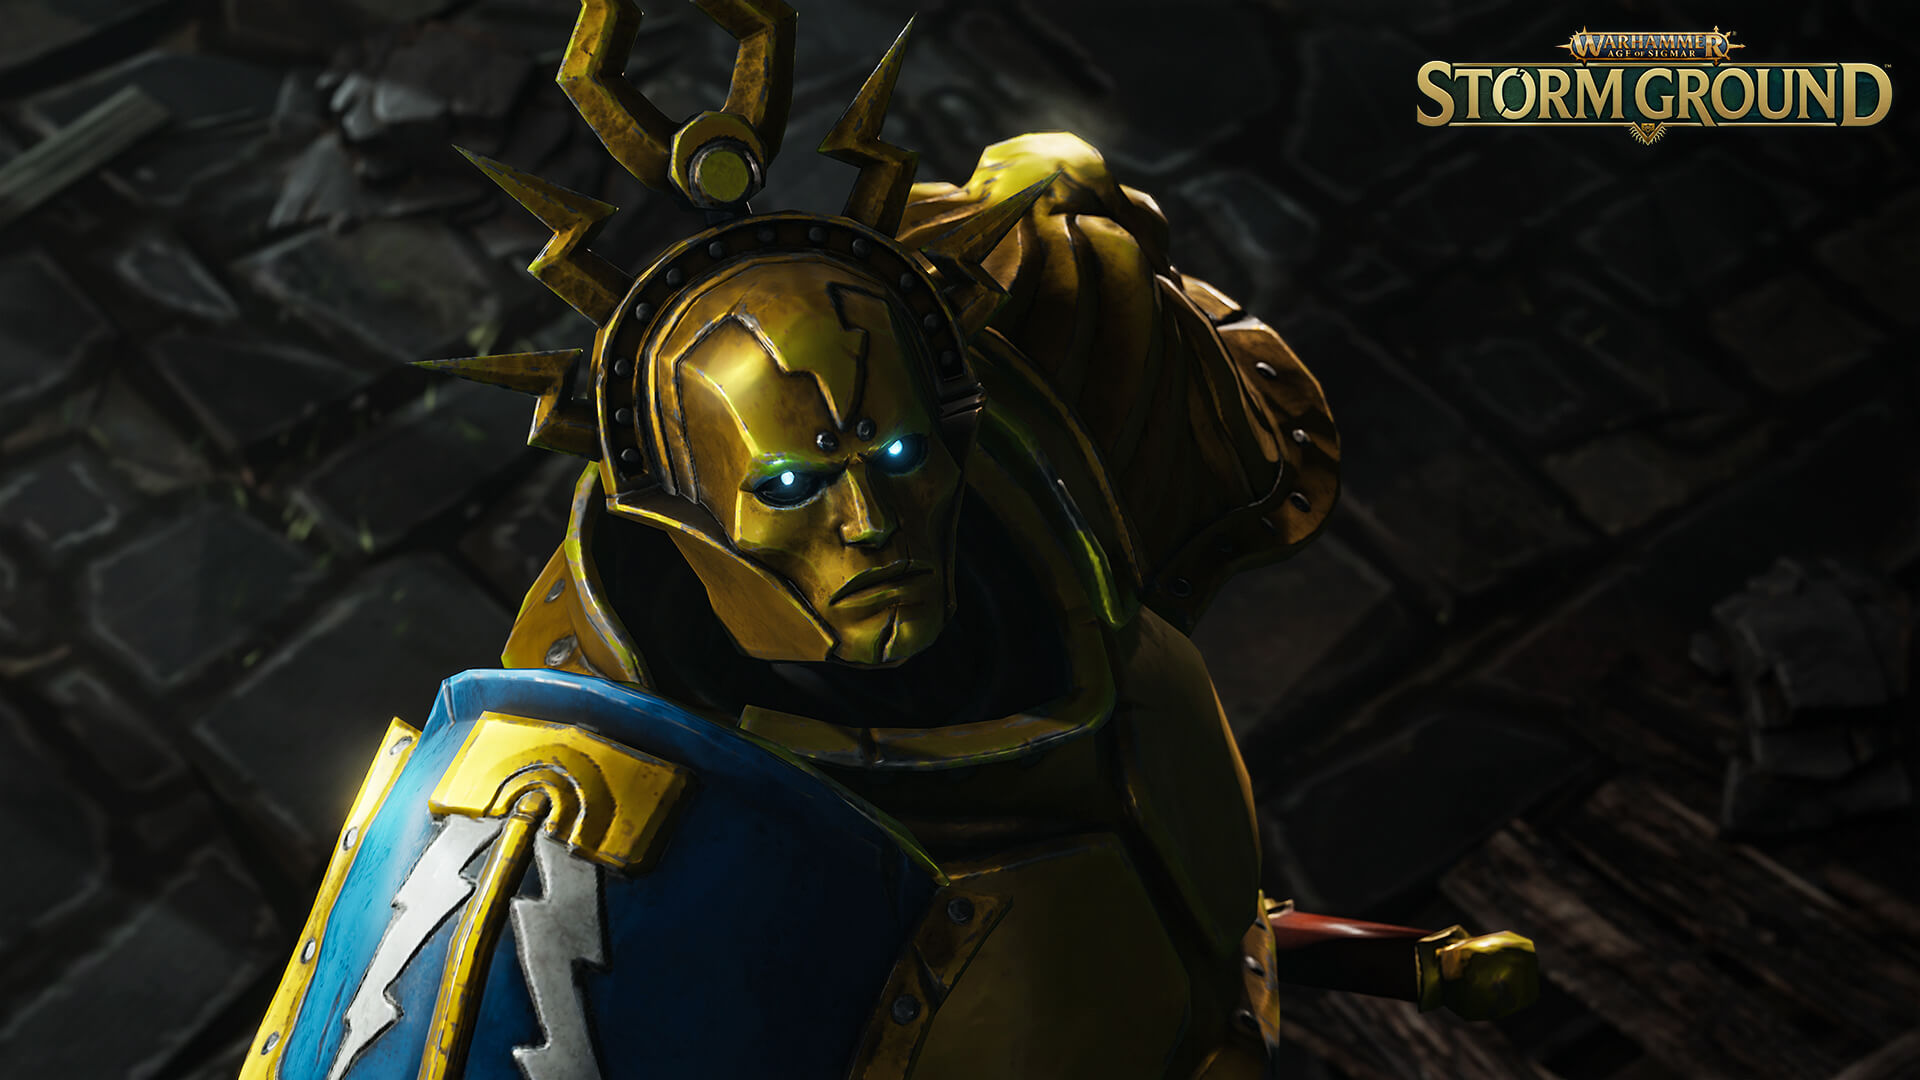 AOS_StormGround_screenshot_03_logo